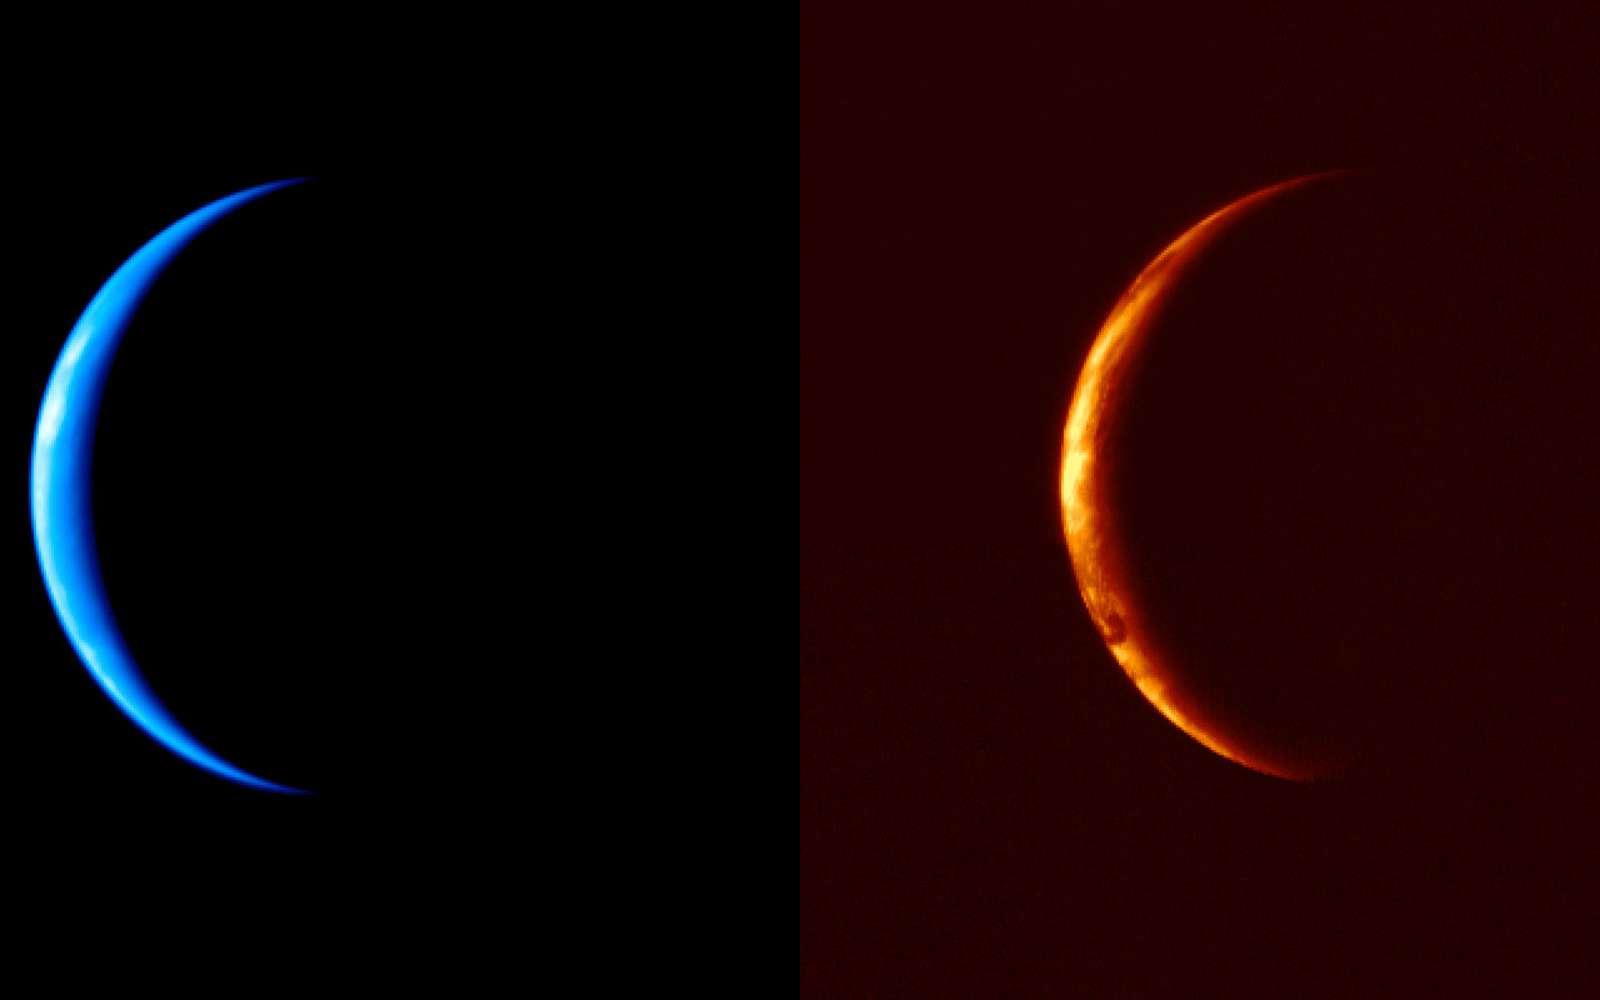 La planète Vénus vue par les instruments d'Akatsuki, dans l'ultraviolet (image de gauche) et le proche infrarouge. © Jaxa